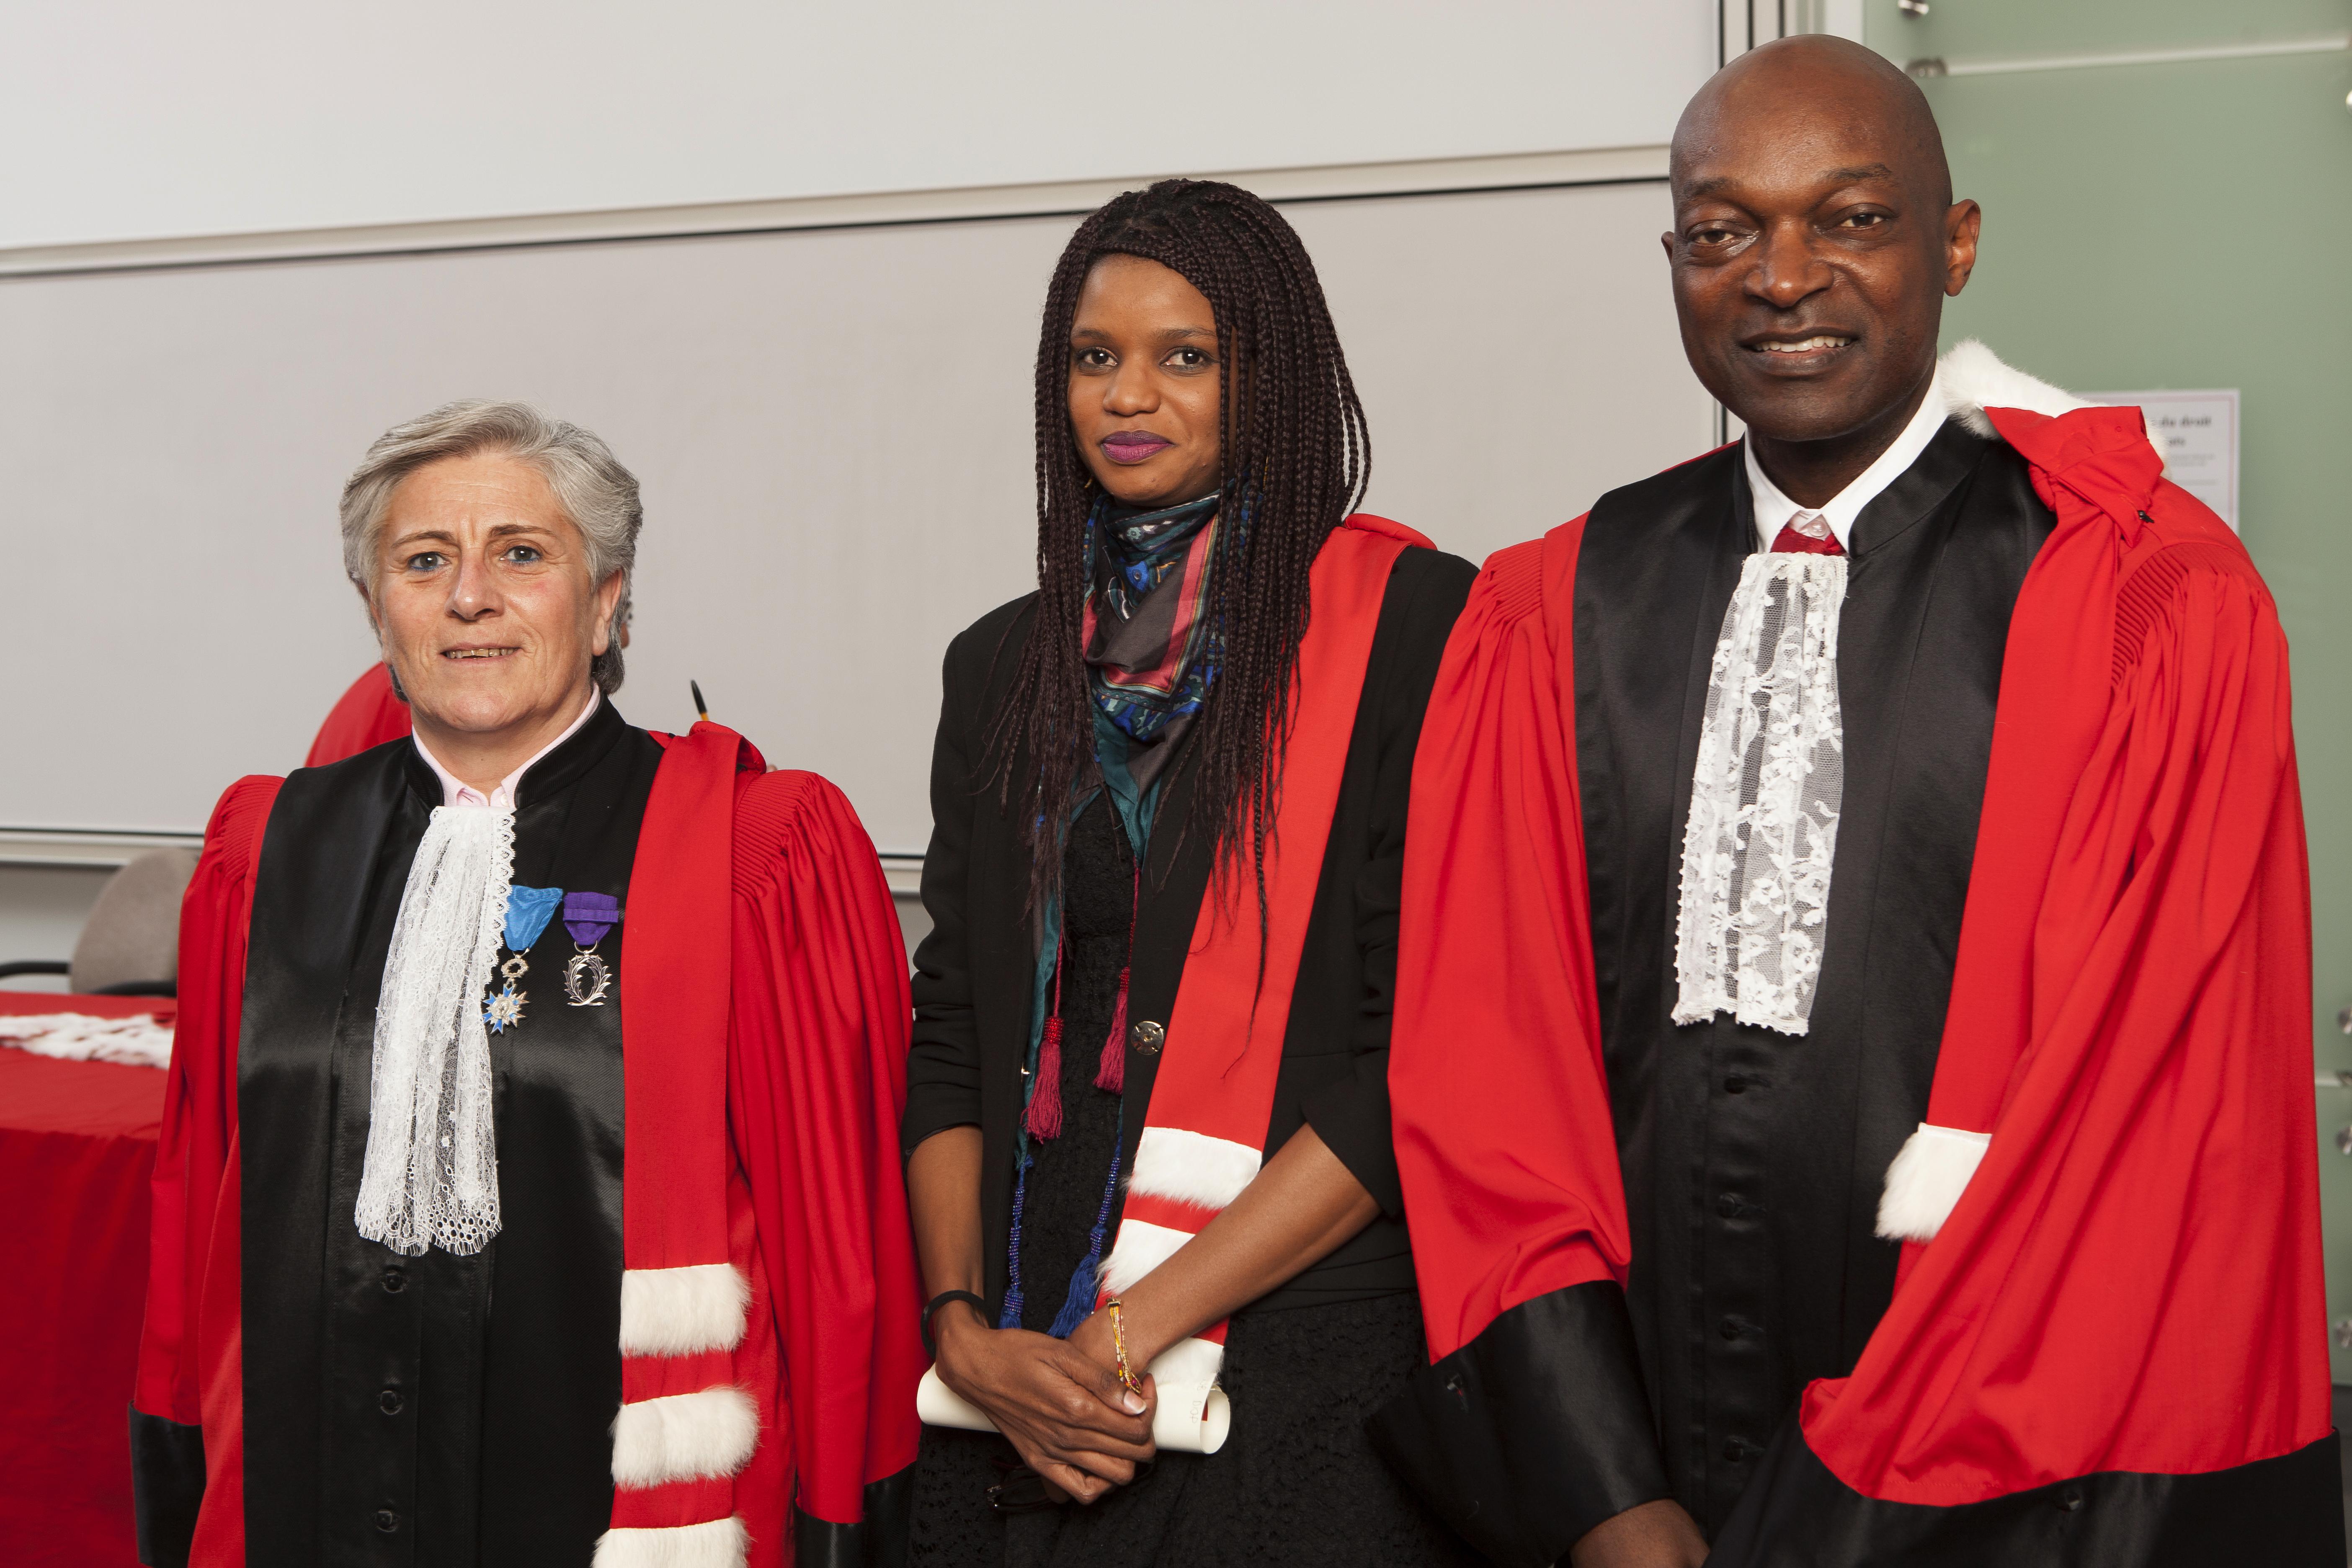 Cérémonie de remise des épitoges 2016, Corinne Mascala, une doctorante et Hugues Kenfack